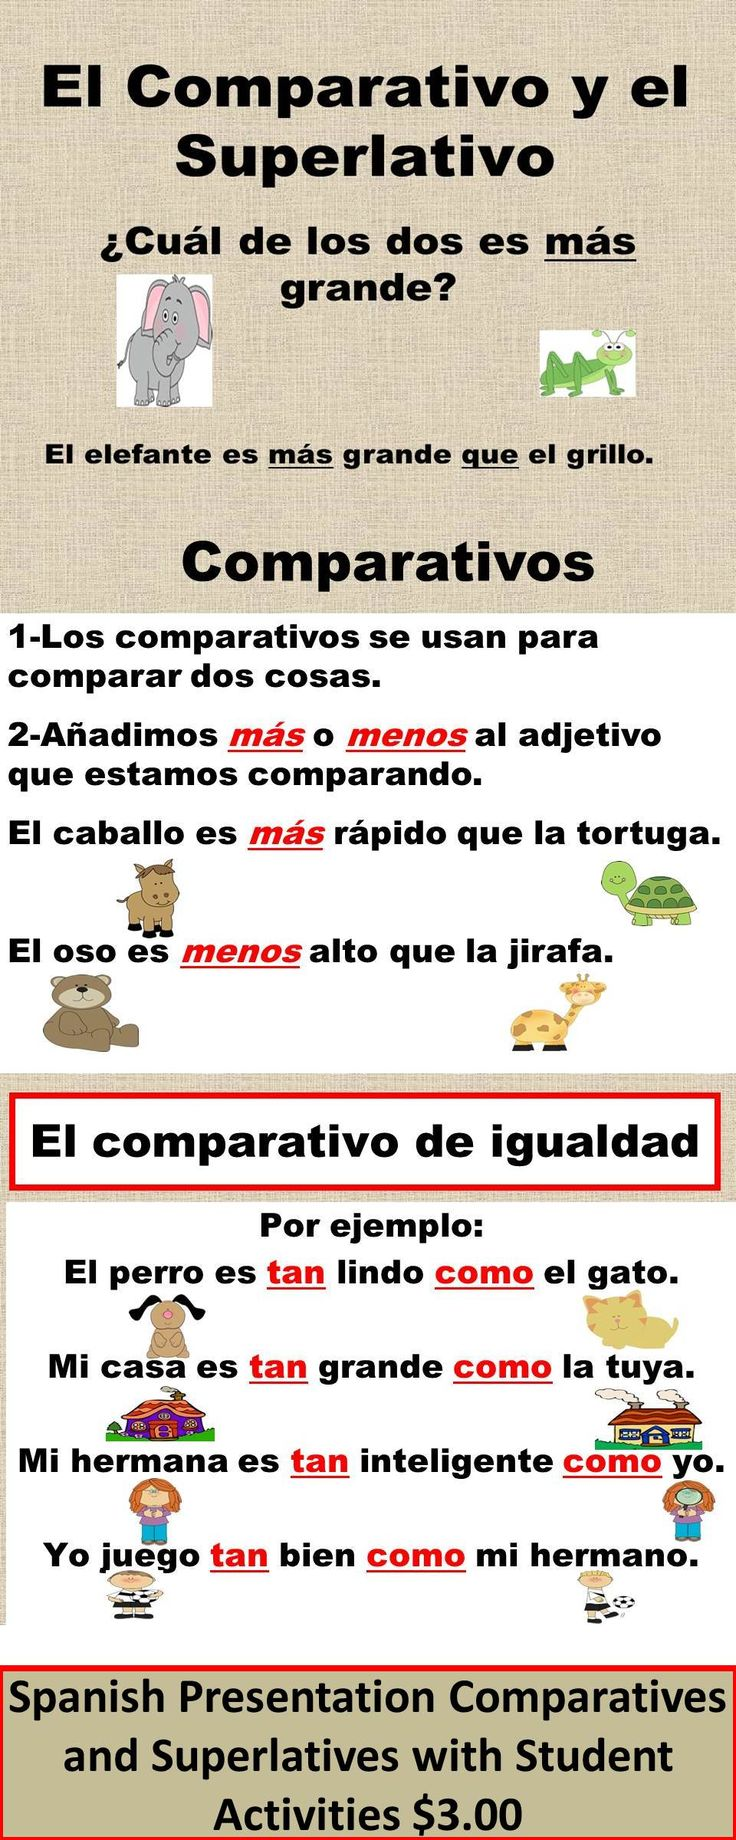 #Comparativos y #Superlativos en la clase de #ELE